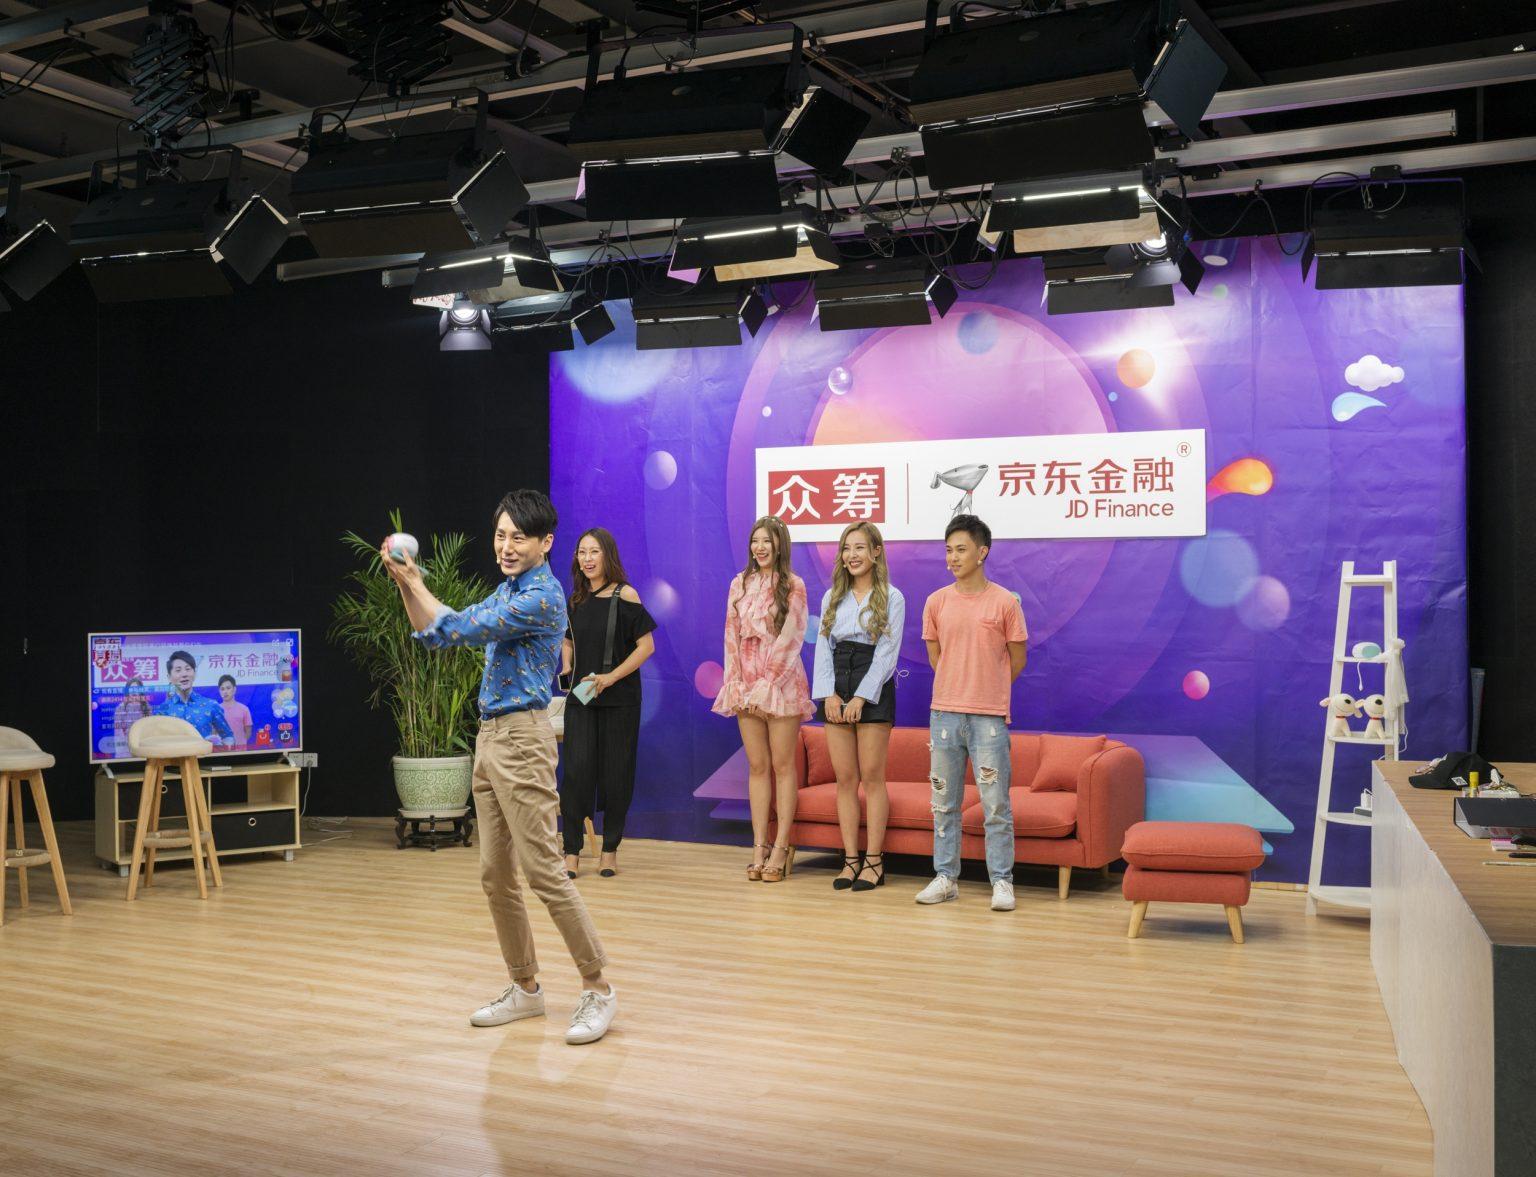 Cina, Pechino, Giugno 2017: Wang Hong (Internet celebrities) durante la trasmissione di un programma promozionale incentrato su prodotti venduti su Alibaba.  Three minutes TV è una agenzia di Wang Hong che rappresenta più di 2000 artisti. L'E-commerce live broadcasting è la sua attività principale, il che significa che i Wang Hong servono come promotori per i prodotti in vendita sulle piattaforme di E-commerce. Offre uno studio con 100 stanze per il live broadcasting per JD.com e 200 stanze per il live broadcasting per Taobao di Alibaba. Il suo volume di vendita nell' e-commerce ha raggiunto i 400.000.000 RMB nel 2016. L'azienda impiega Wang Hong online che lavorano dallo studio o da casa, e I Wang Hong Offline che vivono nei dormitori forniti da Three minutes TV. Tutti I Wang Hong lavorano almeno 6 ore al giorno e hanno 4 giorni liberi al mese. Il loro stipendio base è di 4000 RMB, con commissioni che variano dal 10% all'80%./ China, Beijing, June 2017: Wang Hong (Internet celebrities) broadcasting a promotional show about products sold on Alibaba. Three minutes TV is an Internet celebrities agent company that has more than 2,000 contracted Wang Hong. E-commerce live broadcasting is its main feature, which means the broadcasters serve as promoters for products on E-commerce platforms. It has 100 broadcasting rooms for JD.com and 200 rooms for Alibaba's Taobao. Its E-commerce sales volume in 2016 approached 400,000,000 RMB.  The company uses online broadcasters working from the company's studios and from home and offline broadcasters. The offline ones lives in the dorms provided by three minutes TV. Every kind of Wang Hong works at least 6 hours per day, and has 4 days off per month. Their basic salary is 4000 RMB, with commissions vary from 10% to 80%.